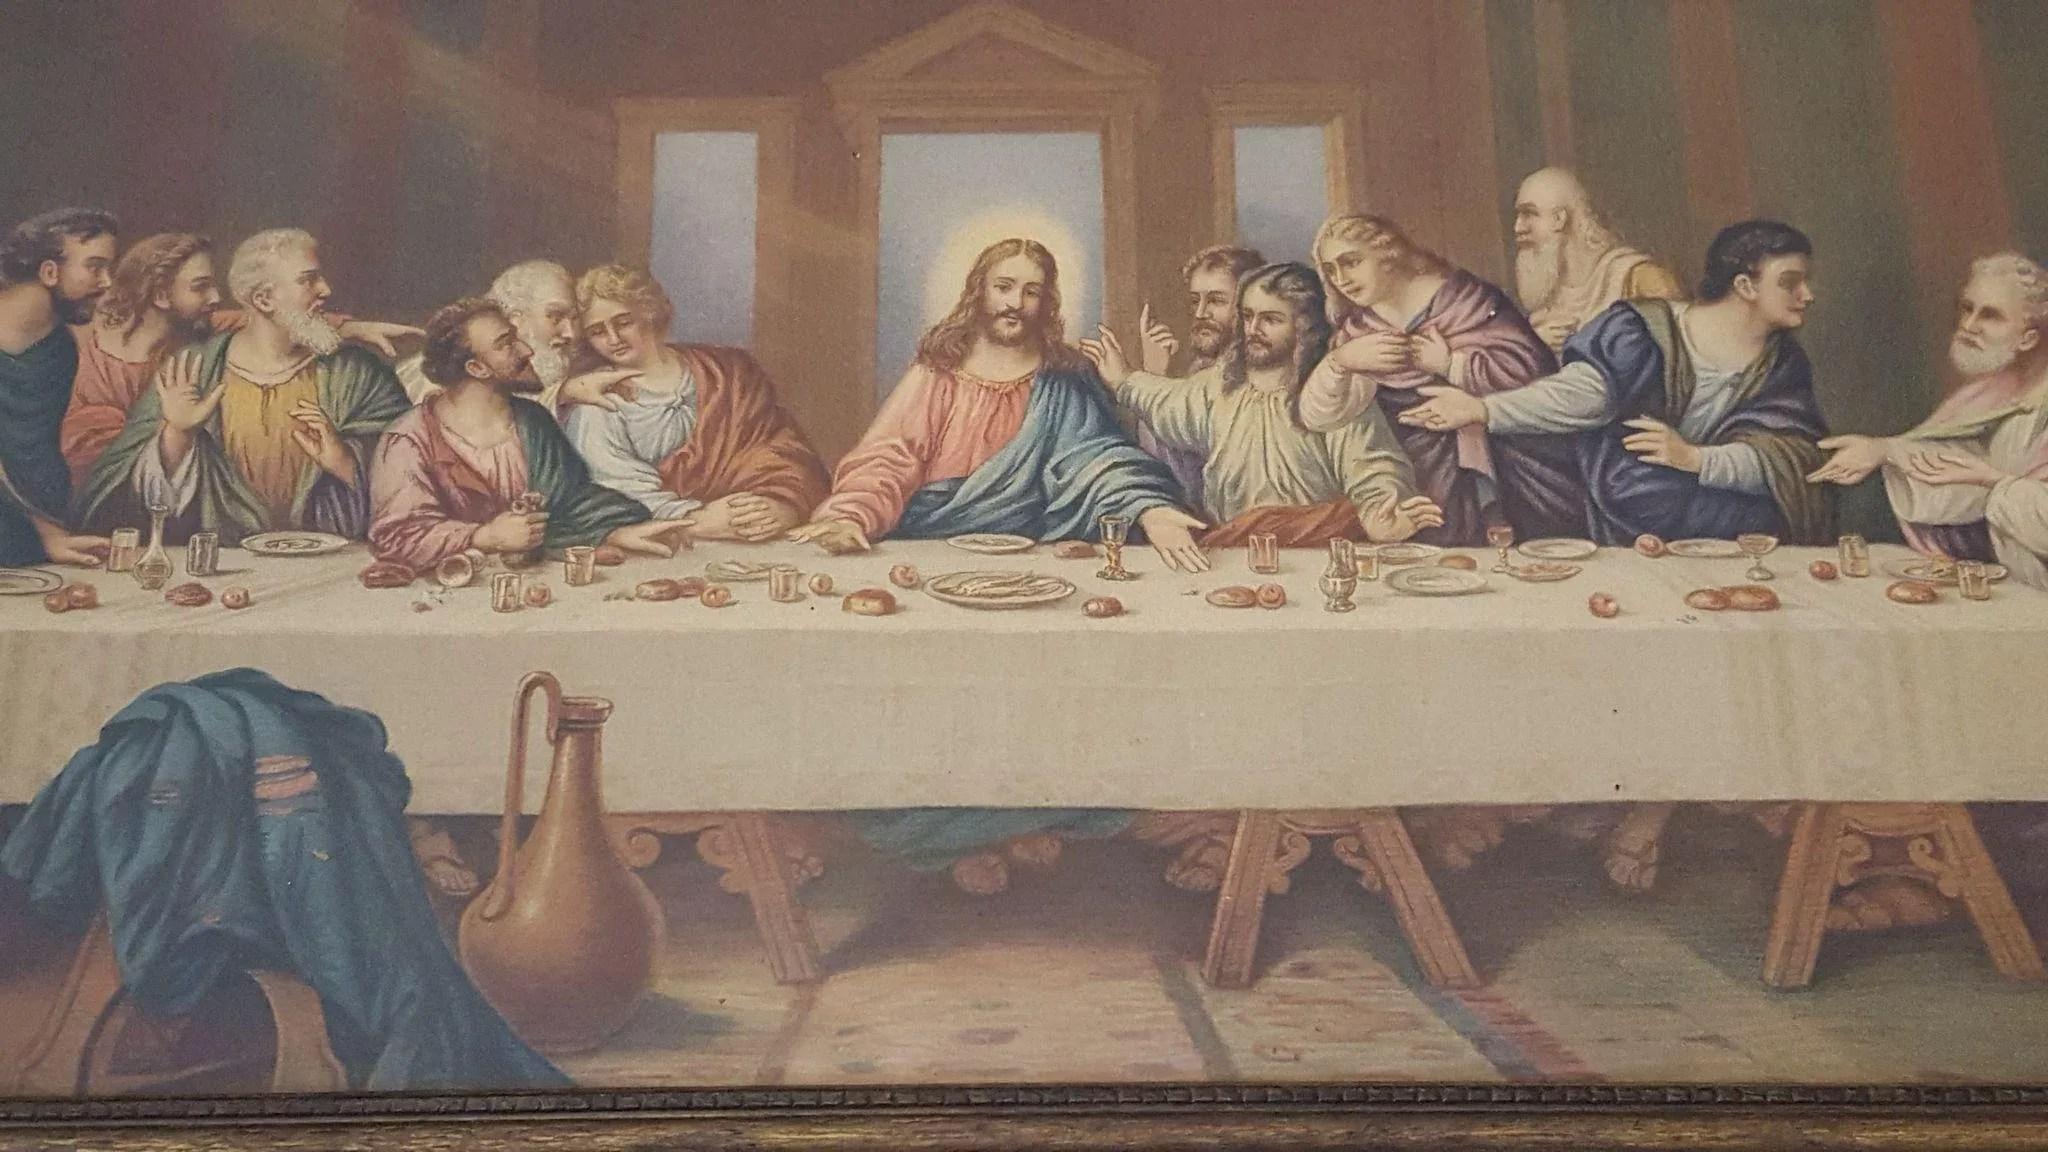 Vintage The Last Supper Print By Leonardo Da Vinci Circa